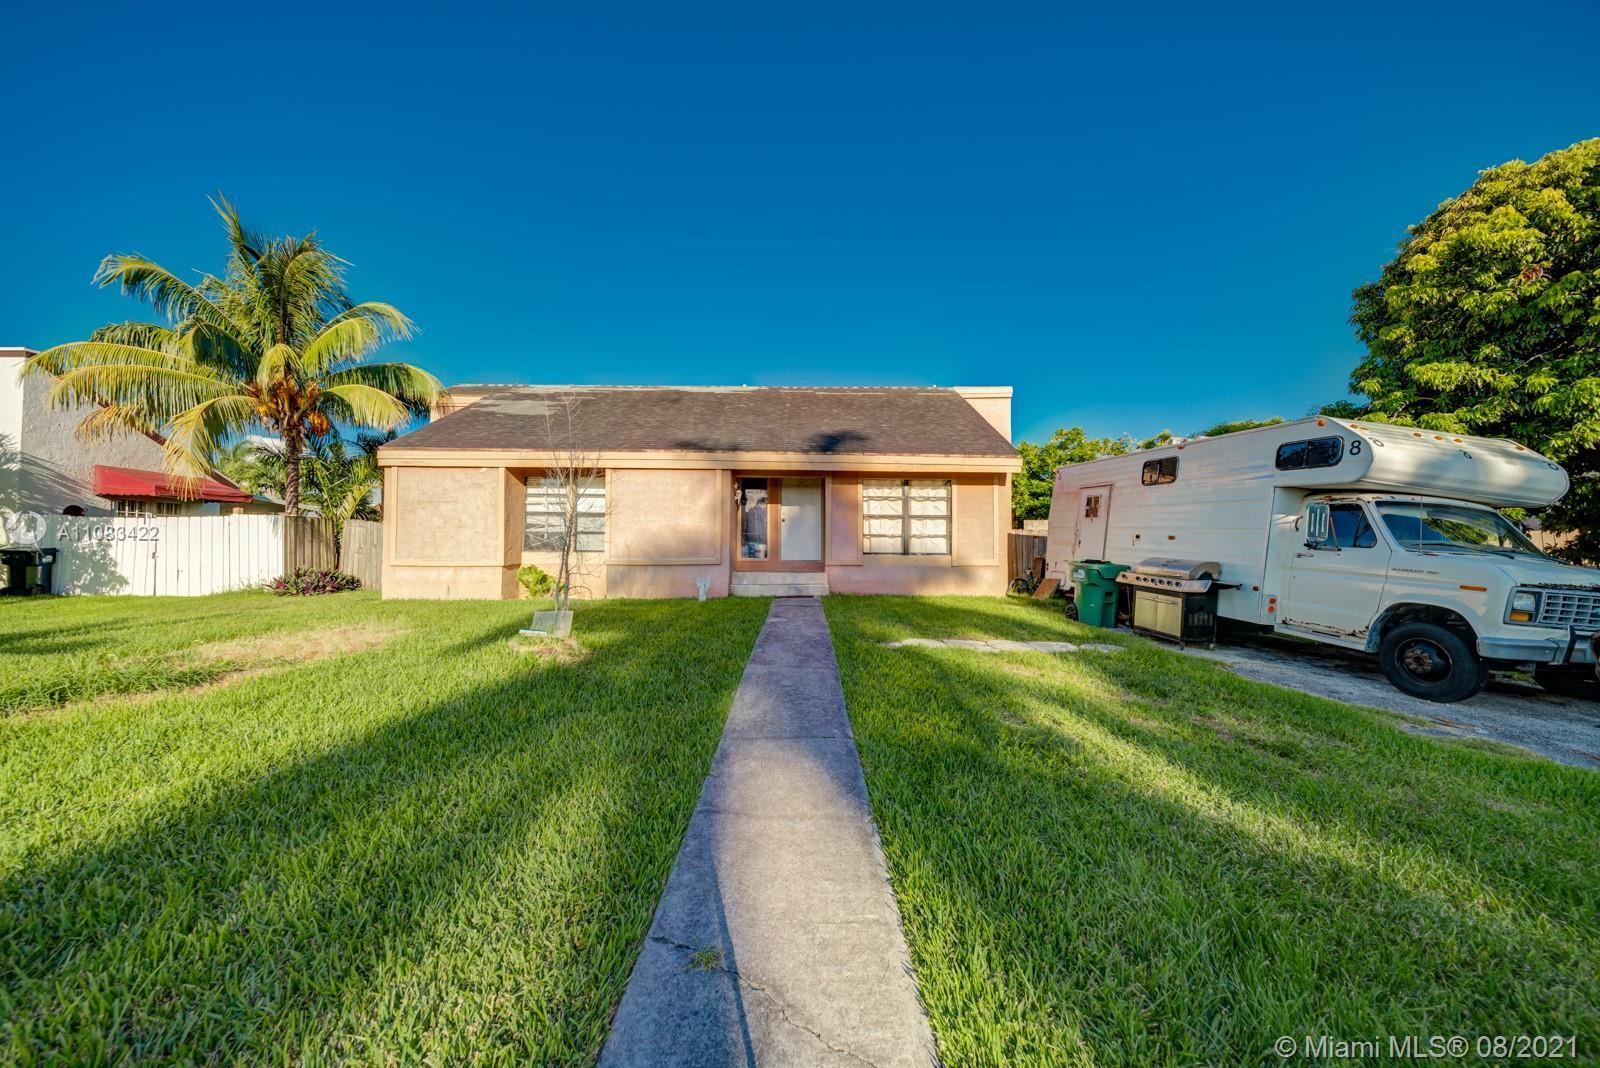 20622 SW 119th Pl, Miami, FL 33177 - #: A11083422